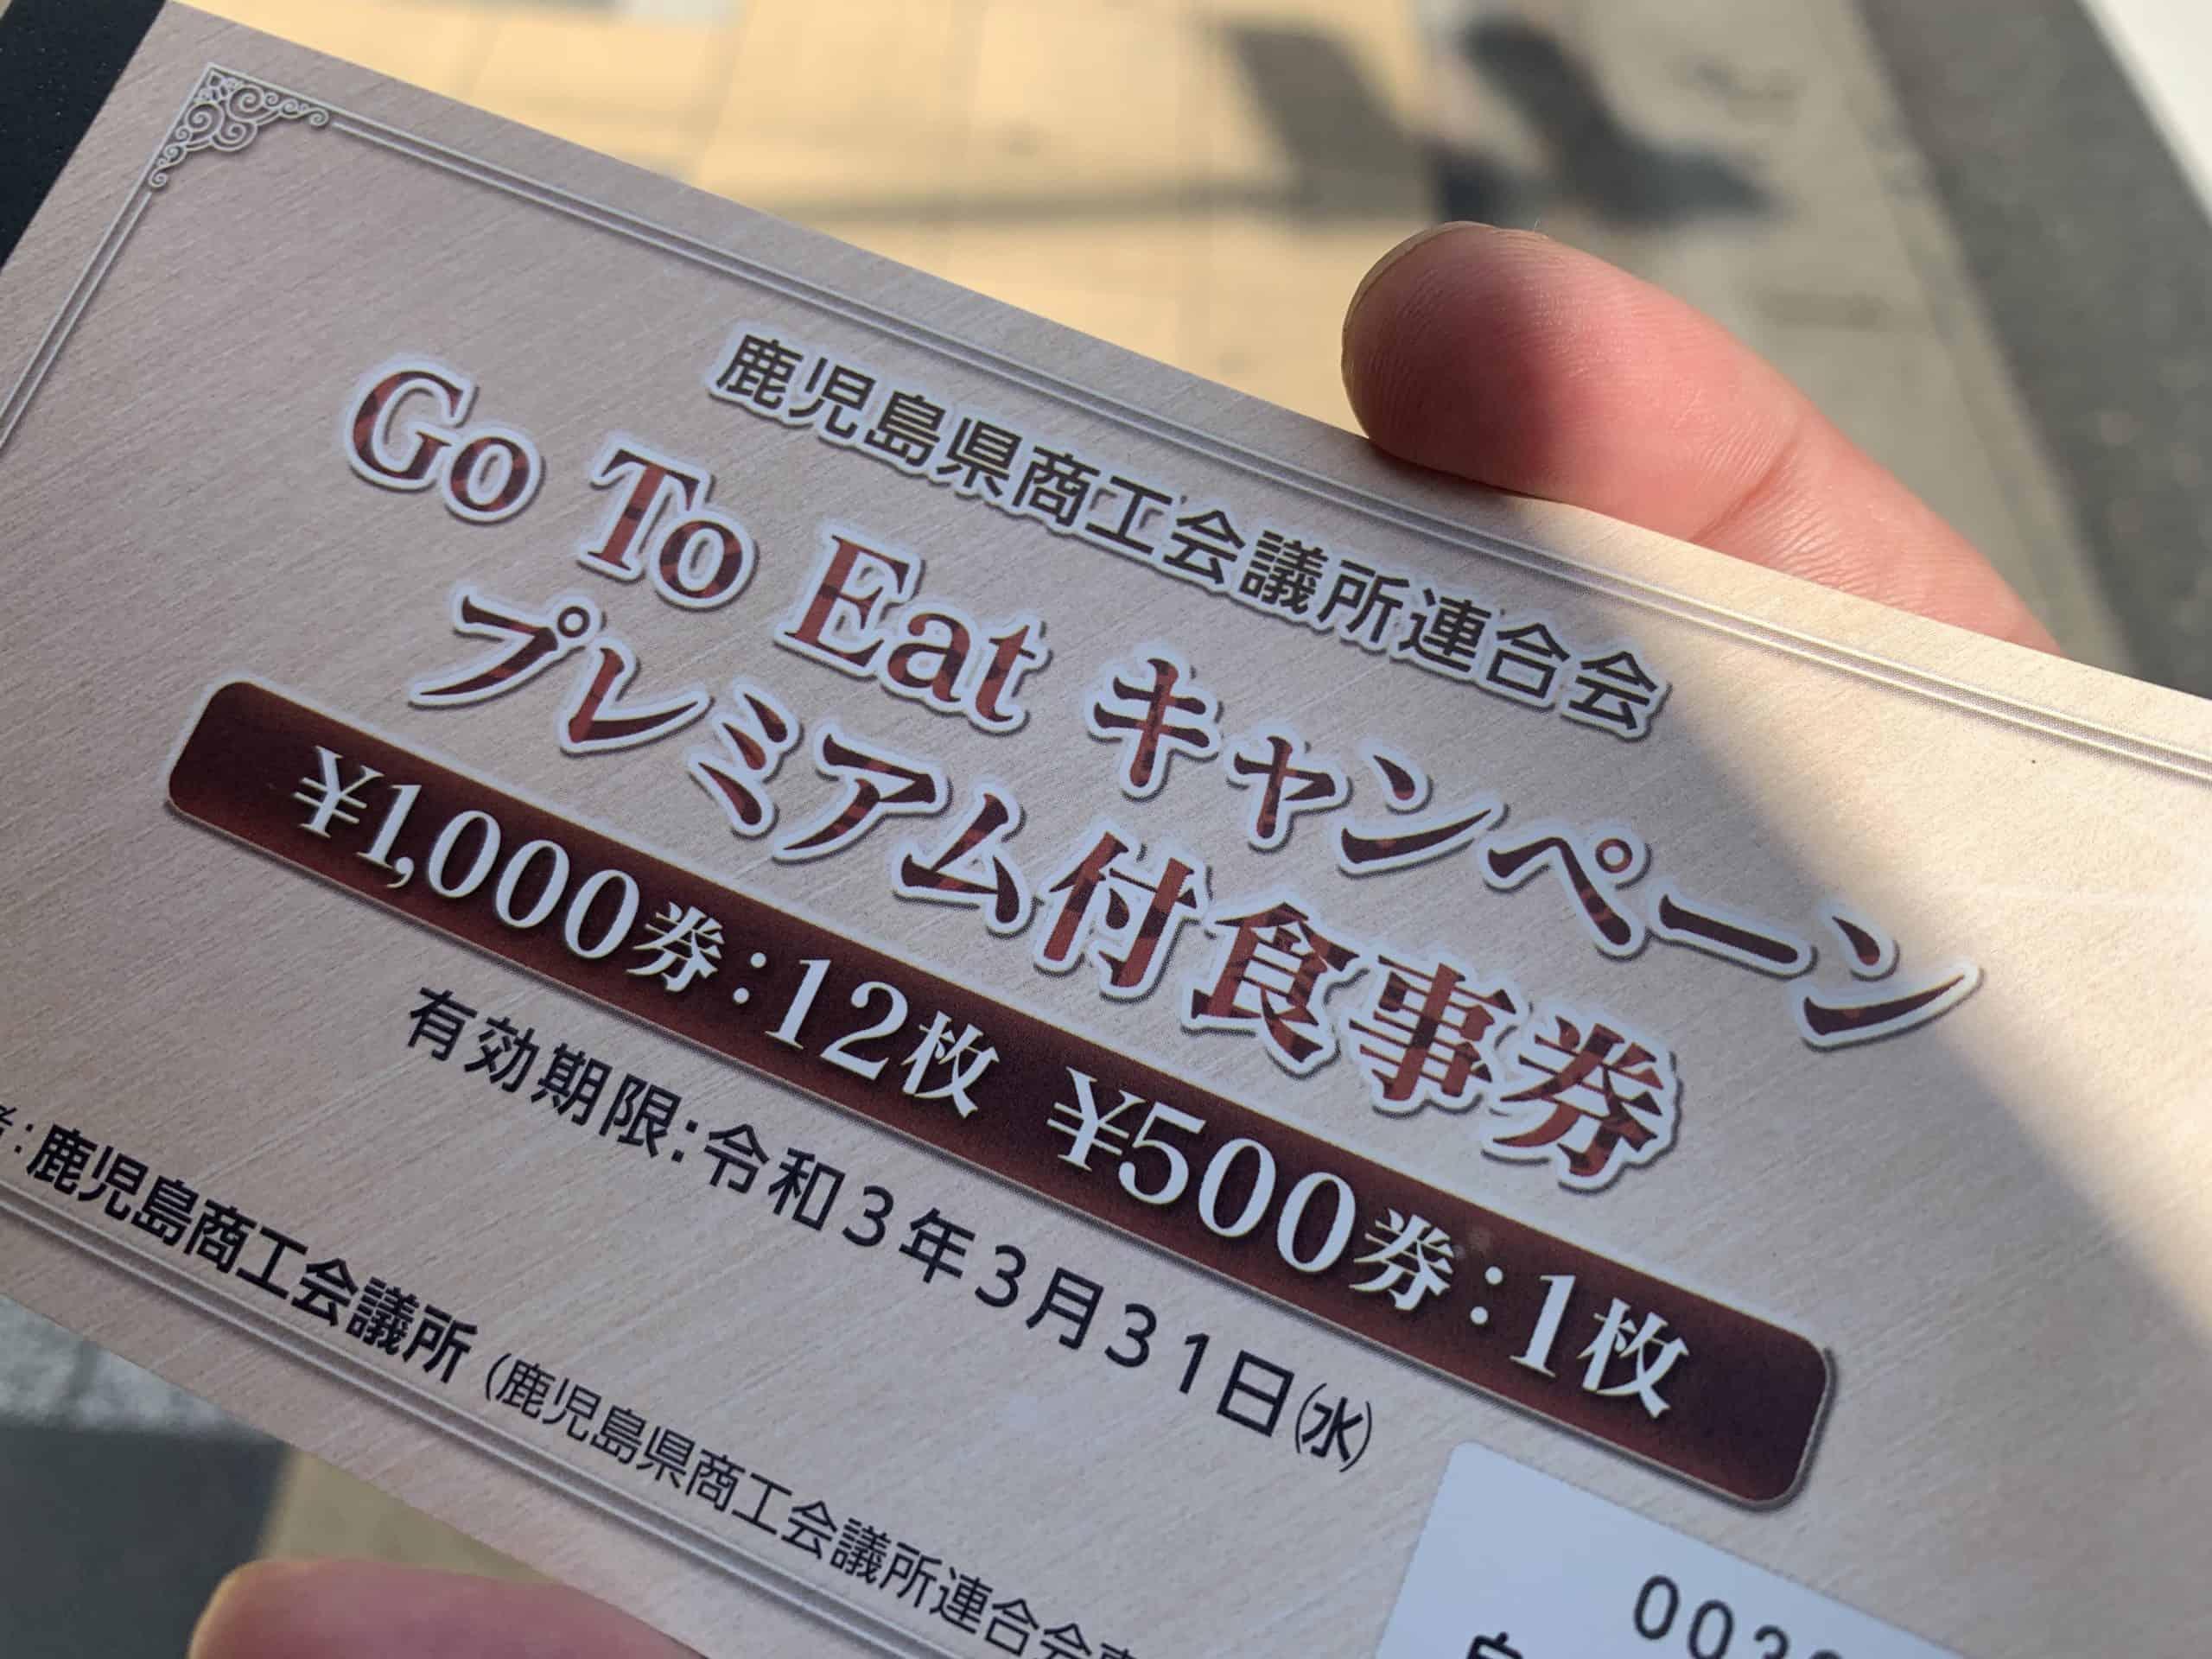 【鹿児島】1万円で12500円分楽しめるGotoEatチケットをゲットしてきたよ!